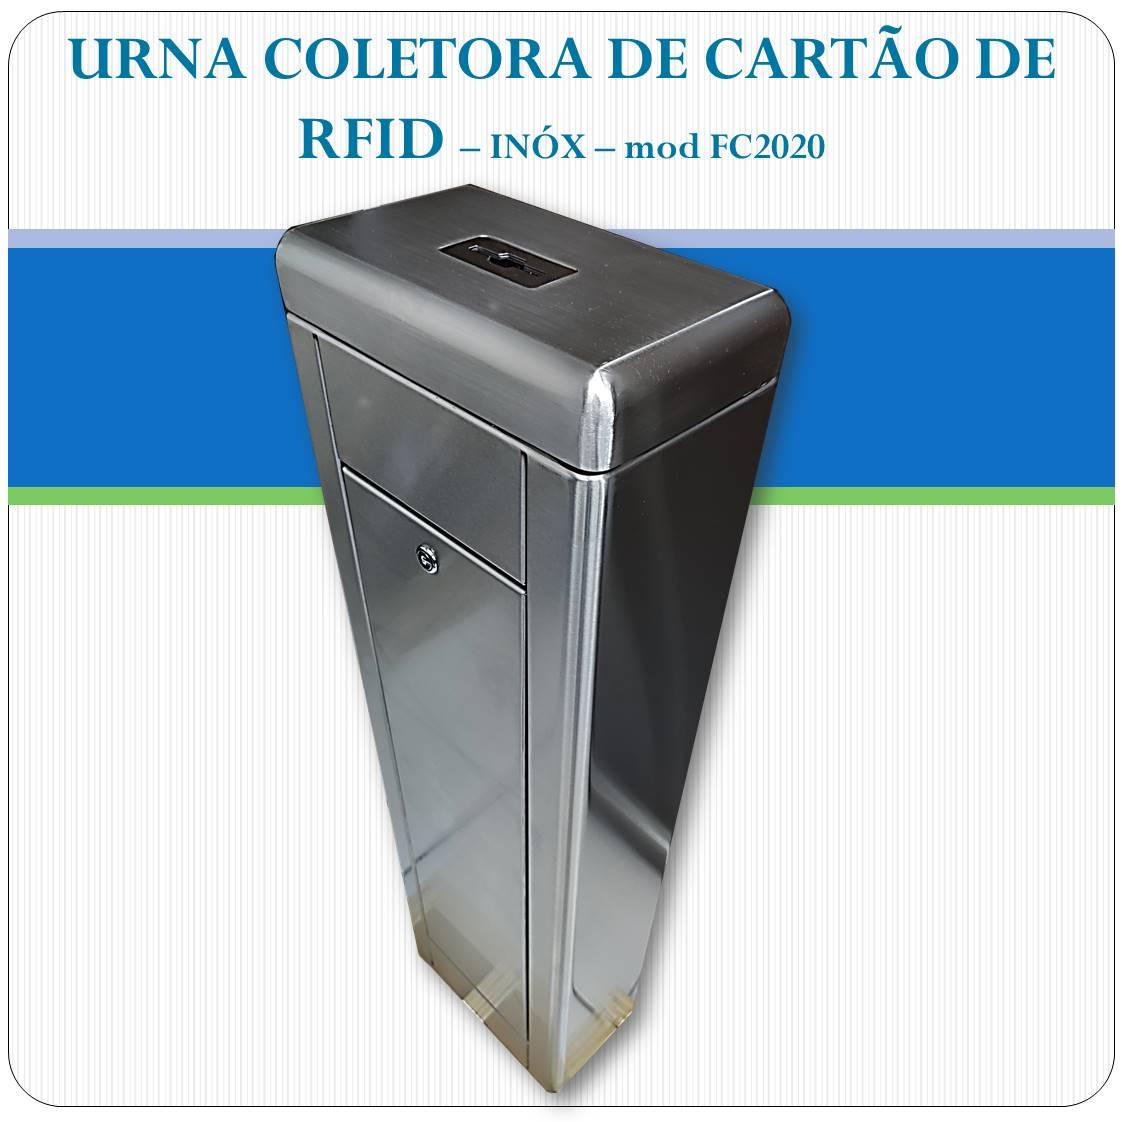 Urna Coletora de cartão RFID - FC2020